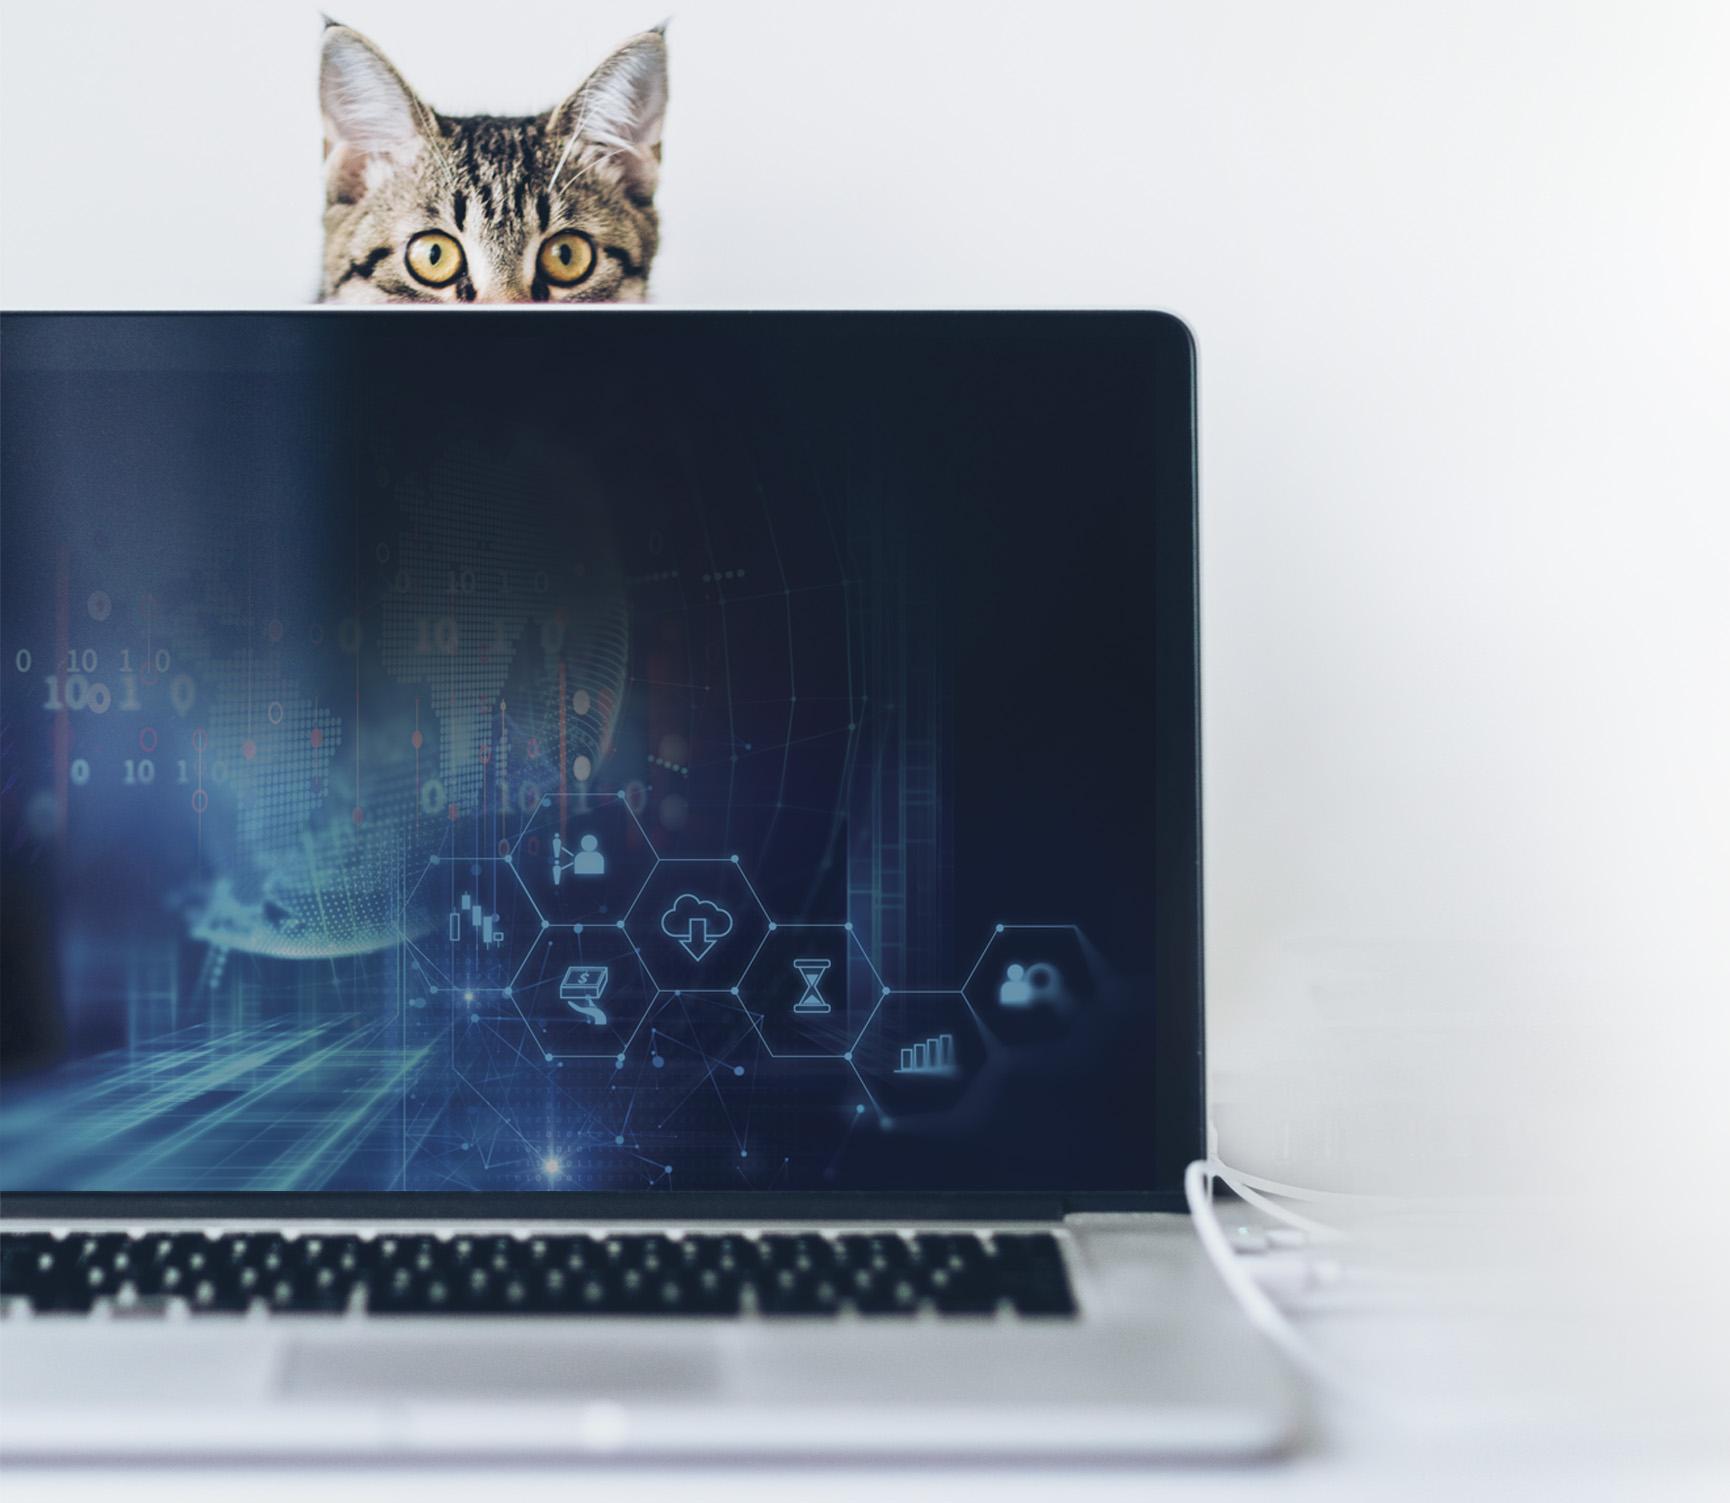 Influenciadores digitais: conheça os gatos famosos da internet